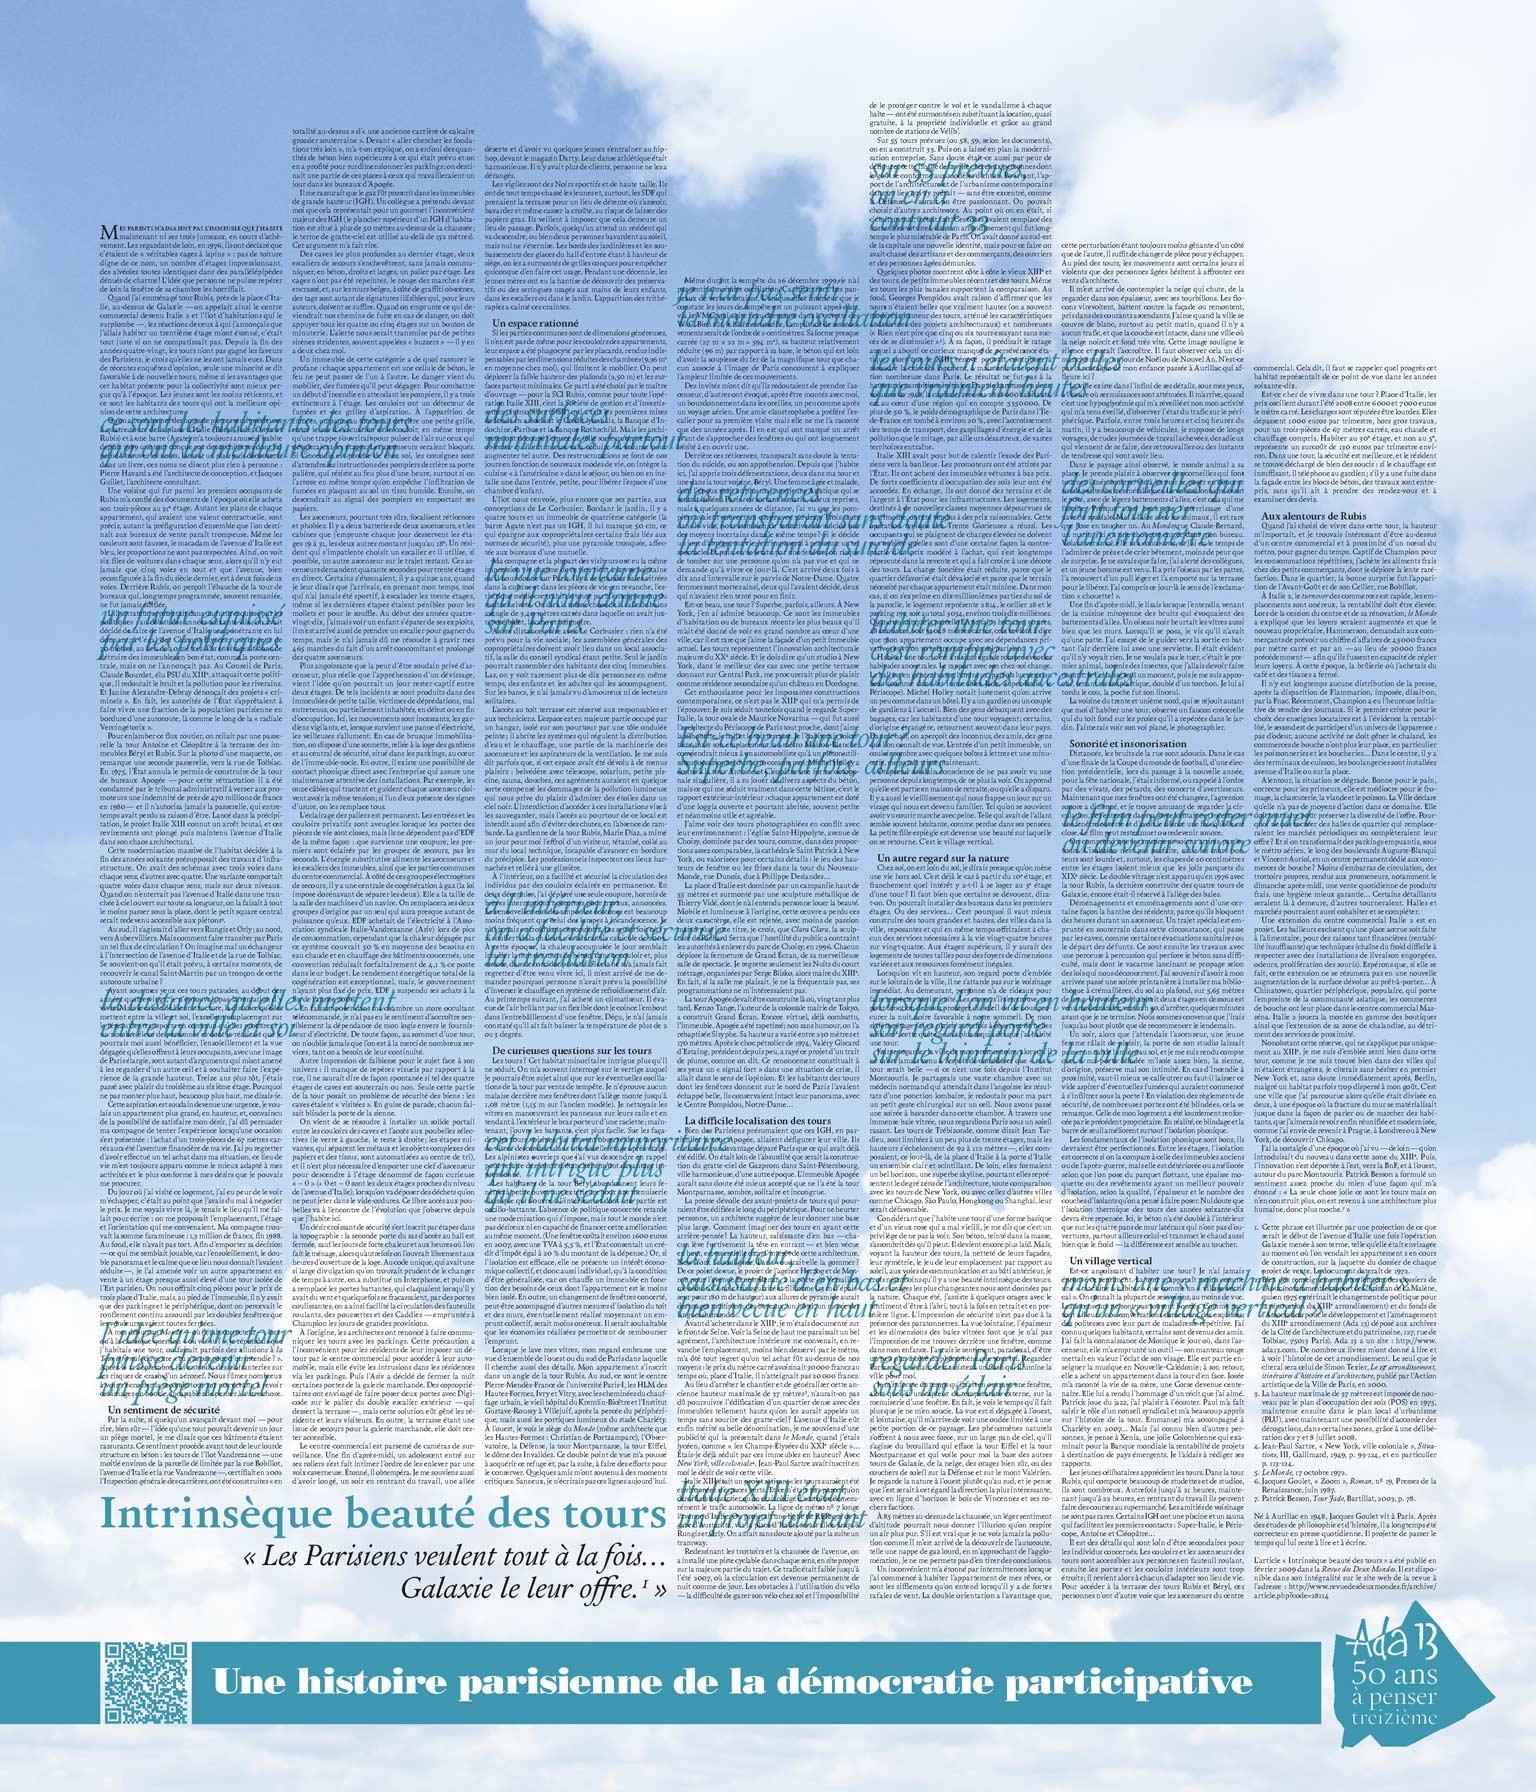 Panneau d'exposition | Intrinsèque beauté des tours (texte de Jacques Goulet)